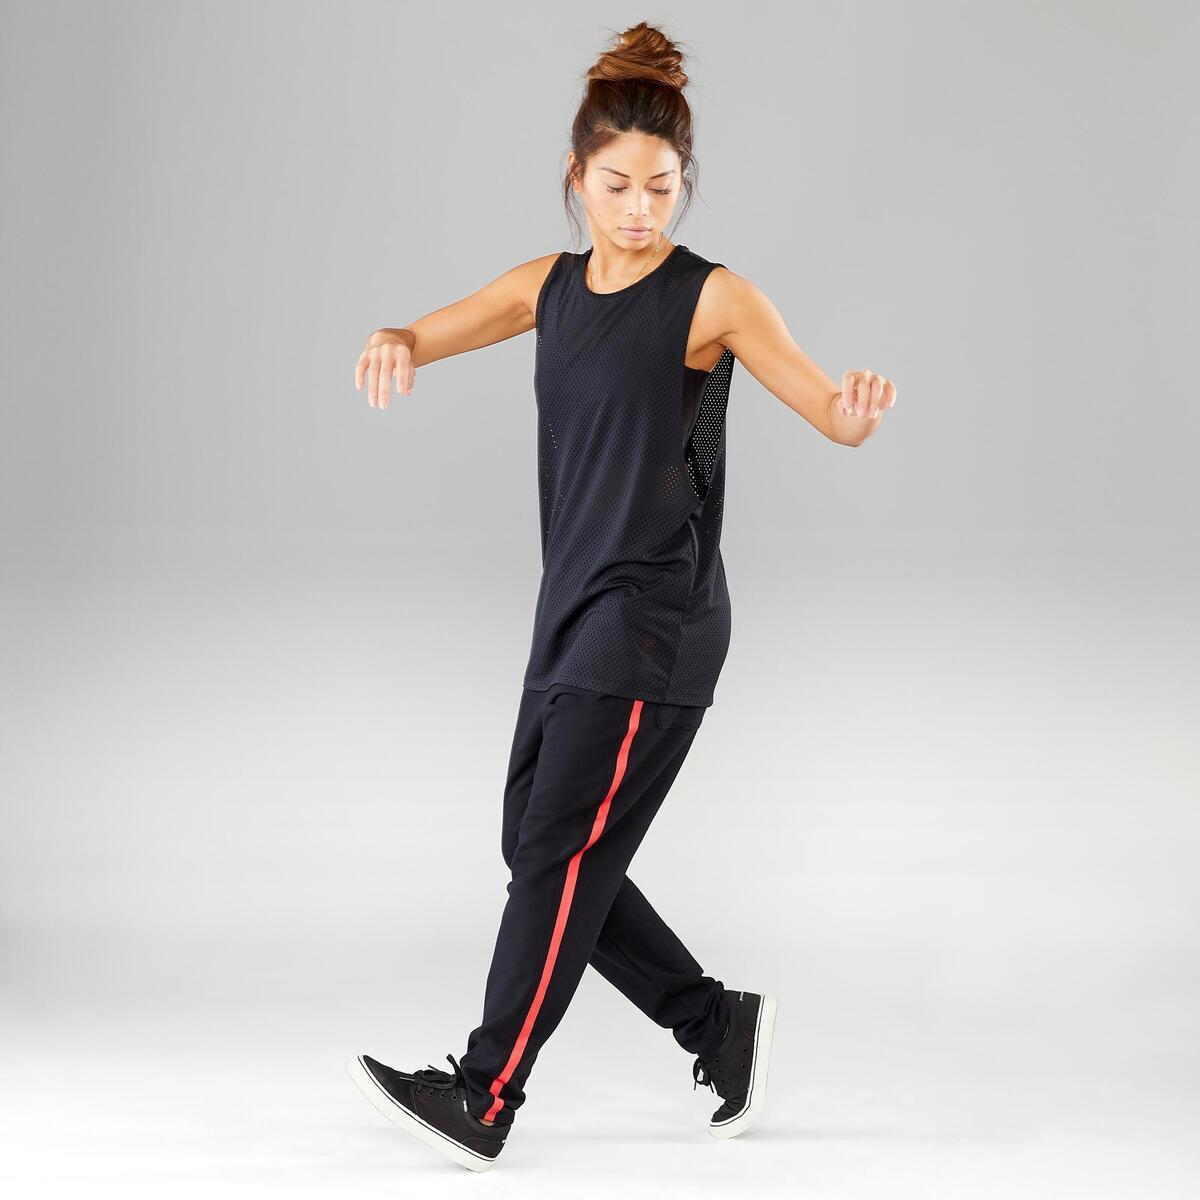 Bild 2 von Top Street Dance Damen extrem atmungsaktiv schwarz